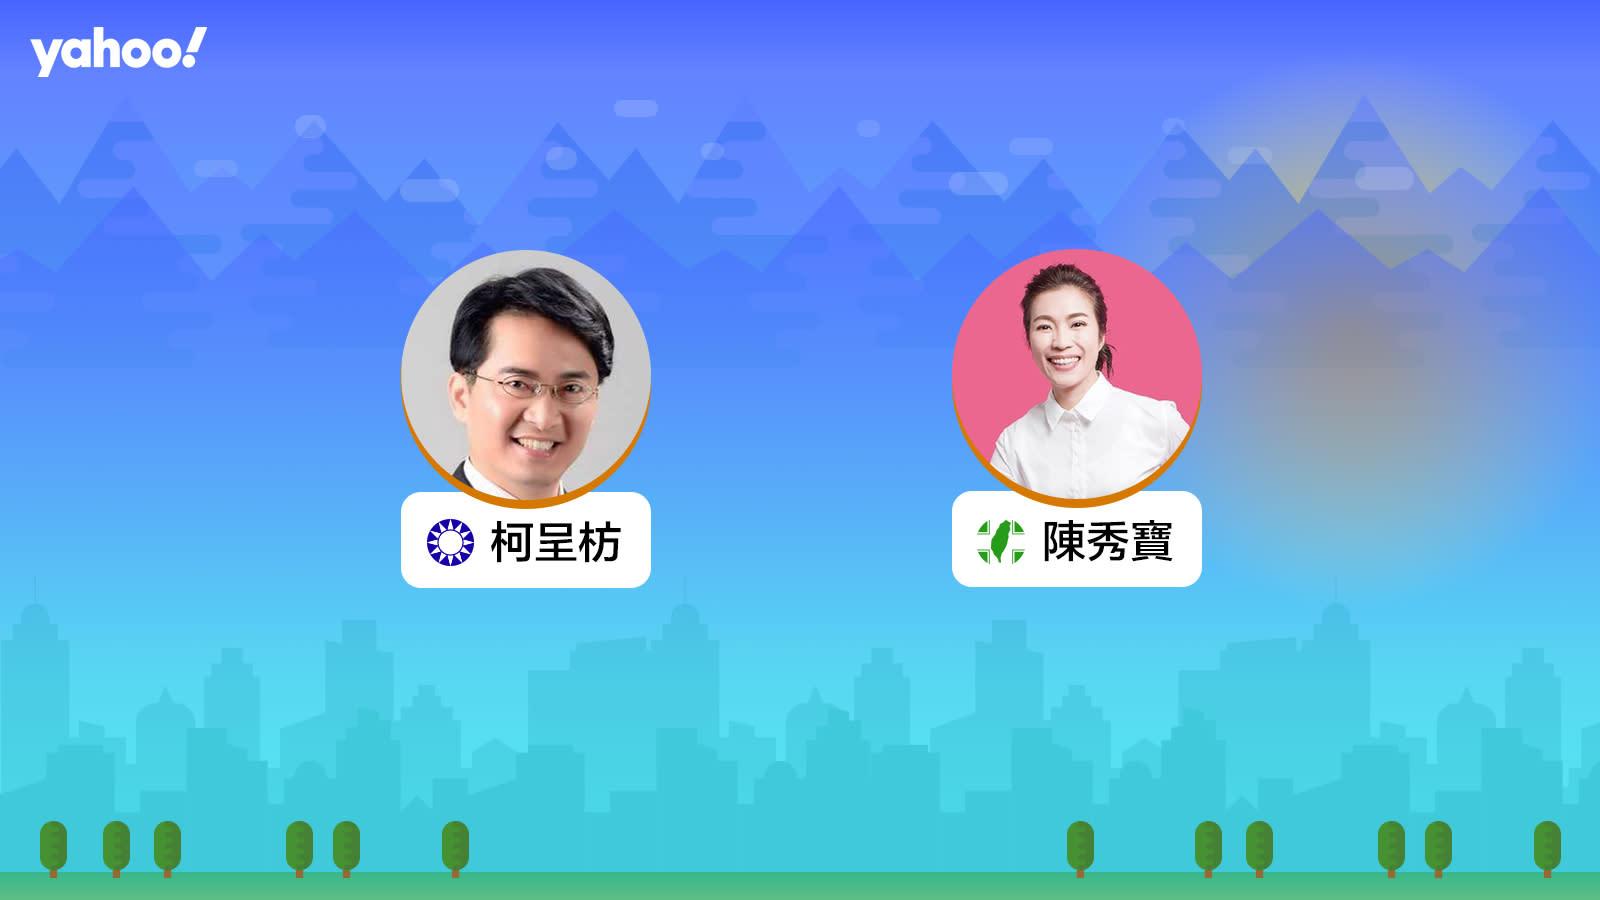 2020立委選舉彰化縣第一選區,你支持誰?